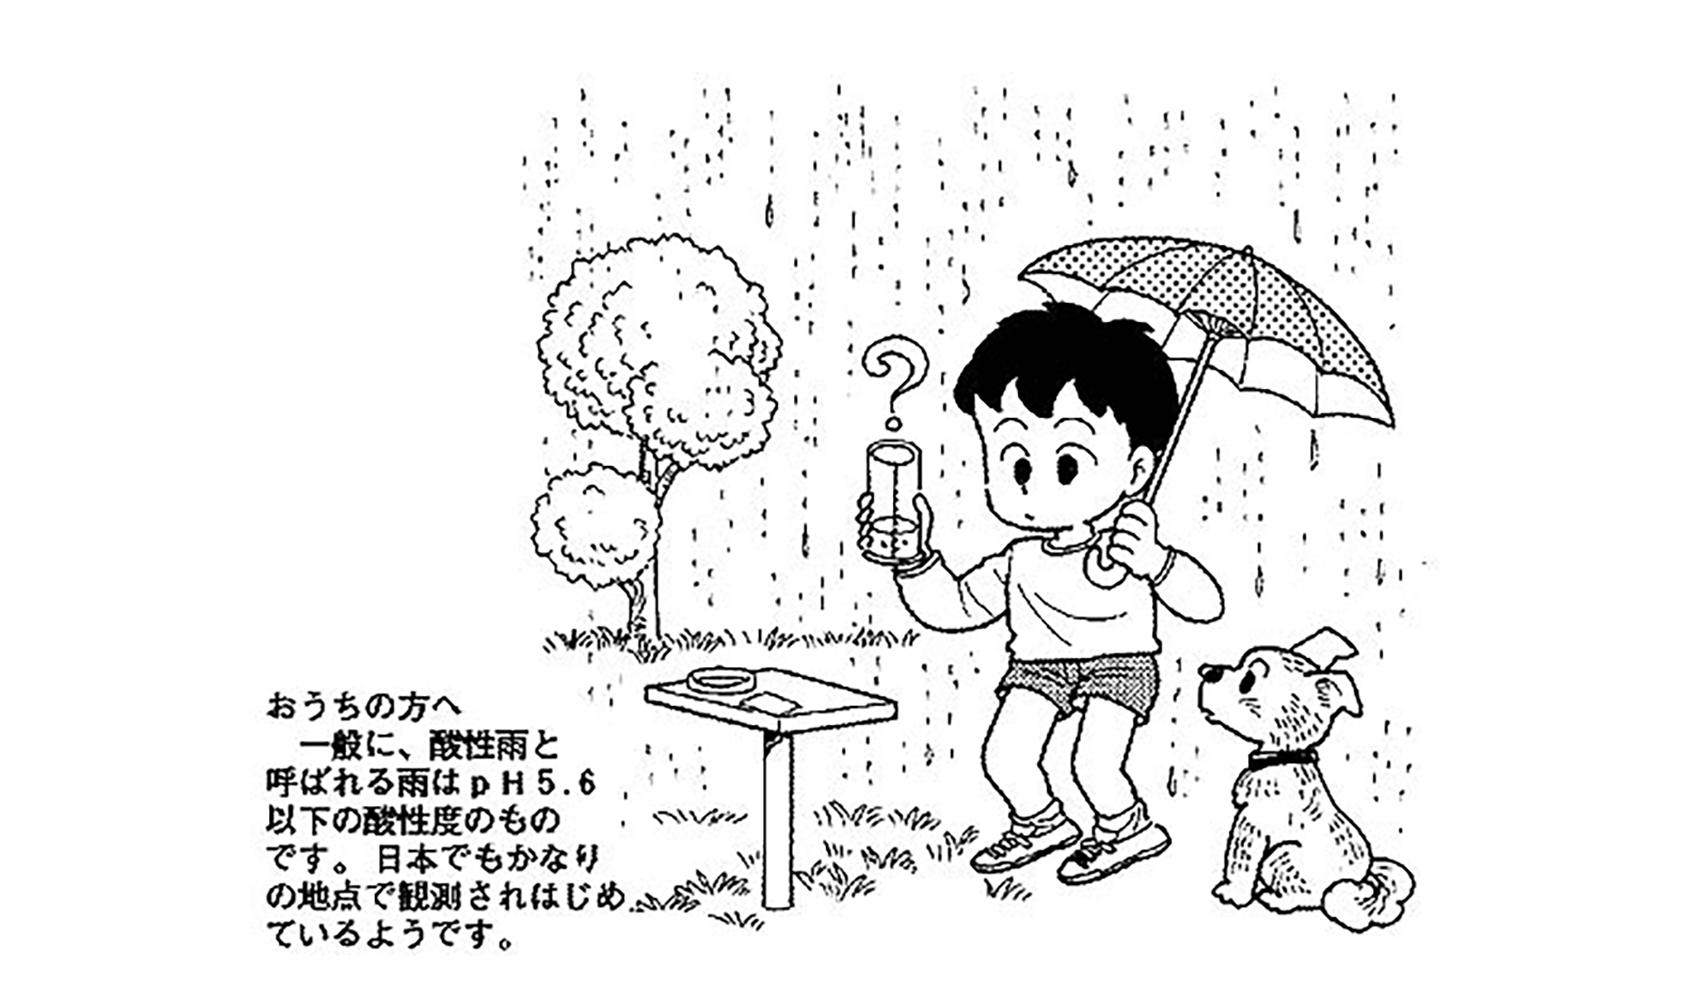 雨には何がふくまれているの